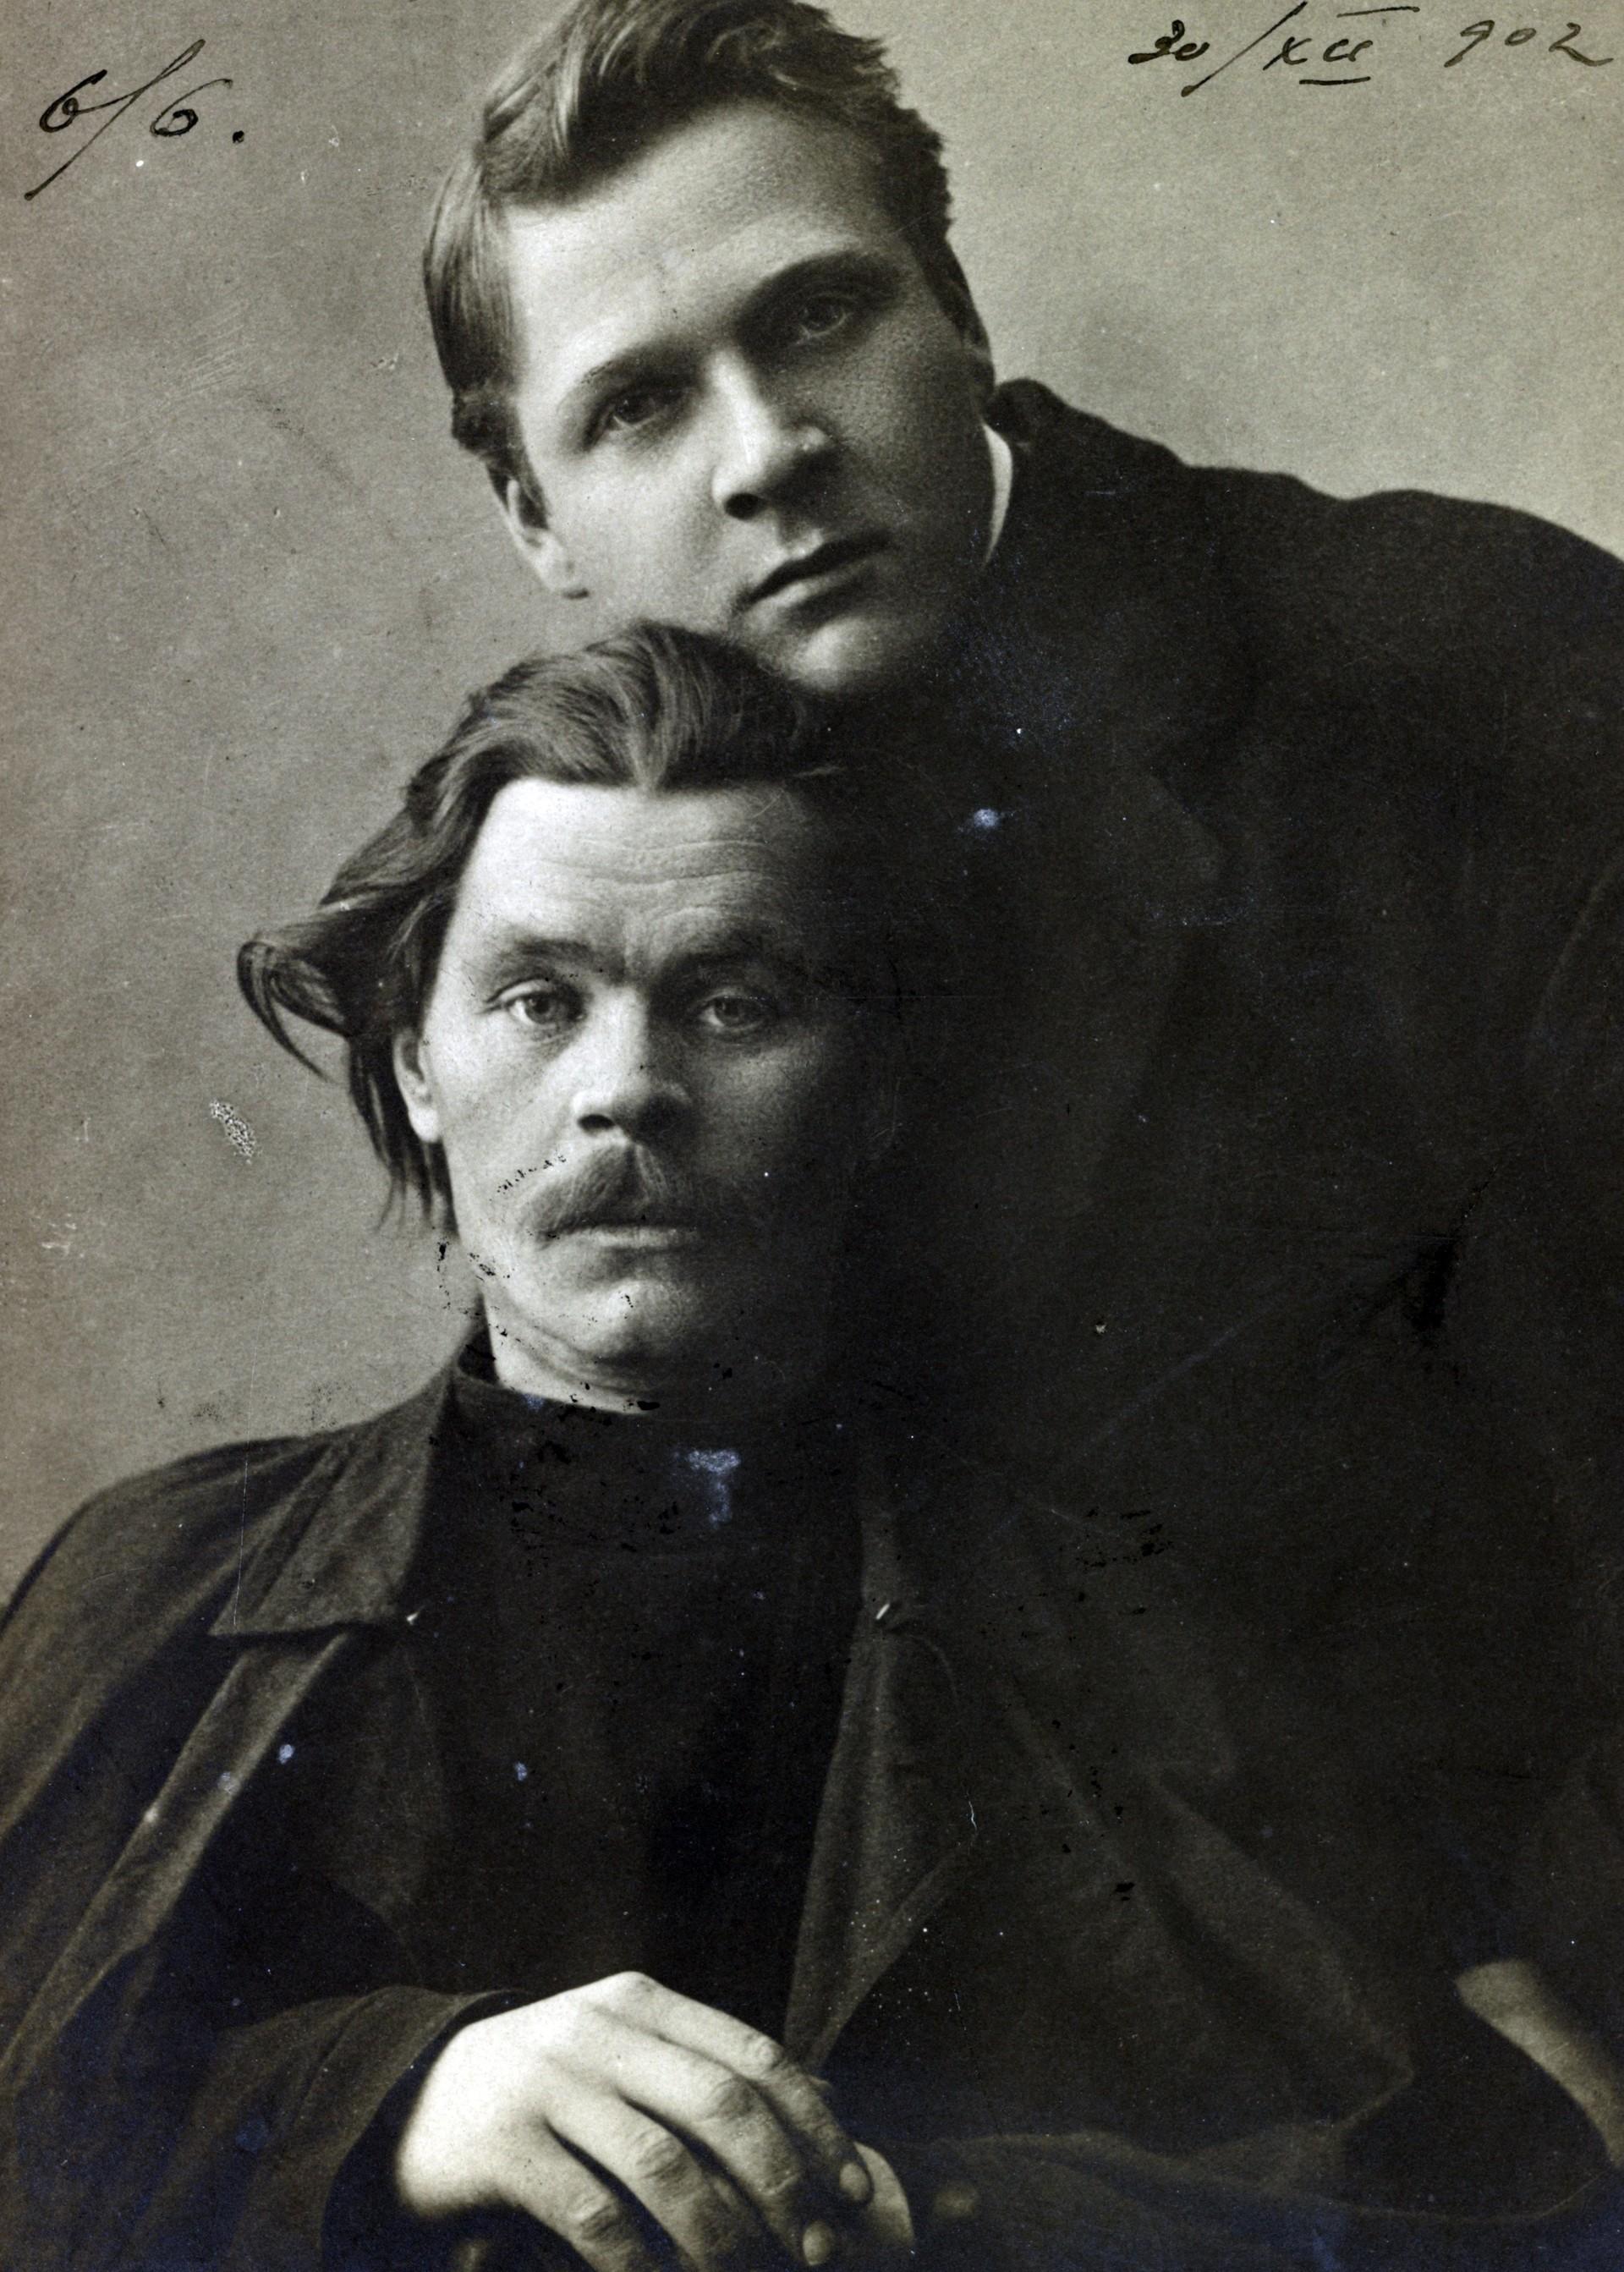 През 1920 г. Уелс се среща с Максим Горки и певеца Фьодор Шаляпин